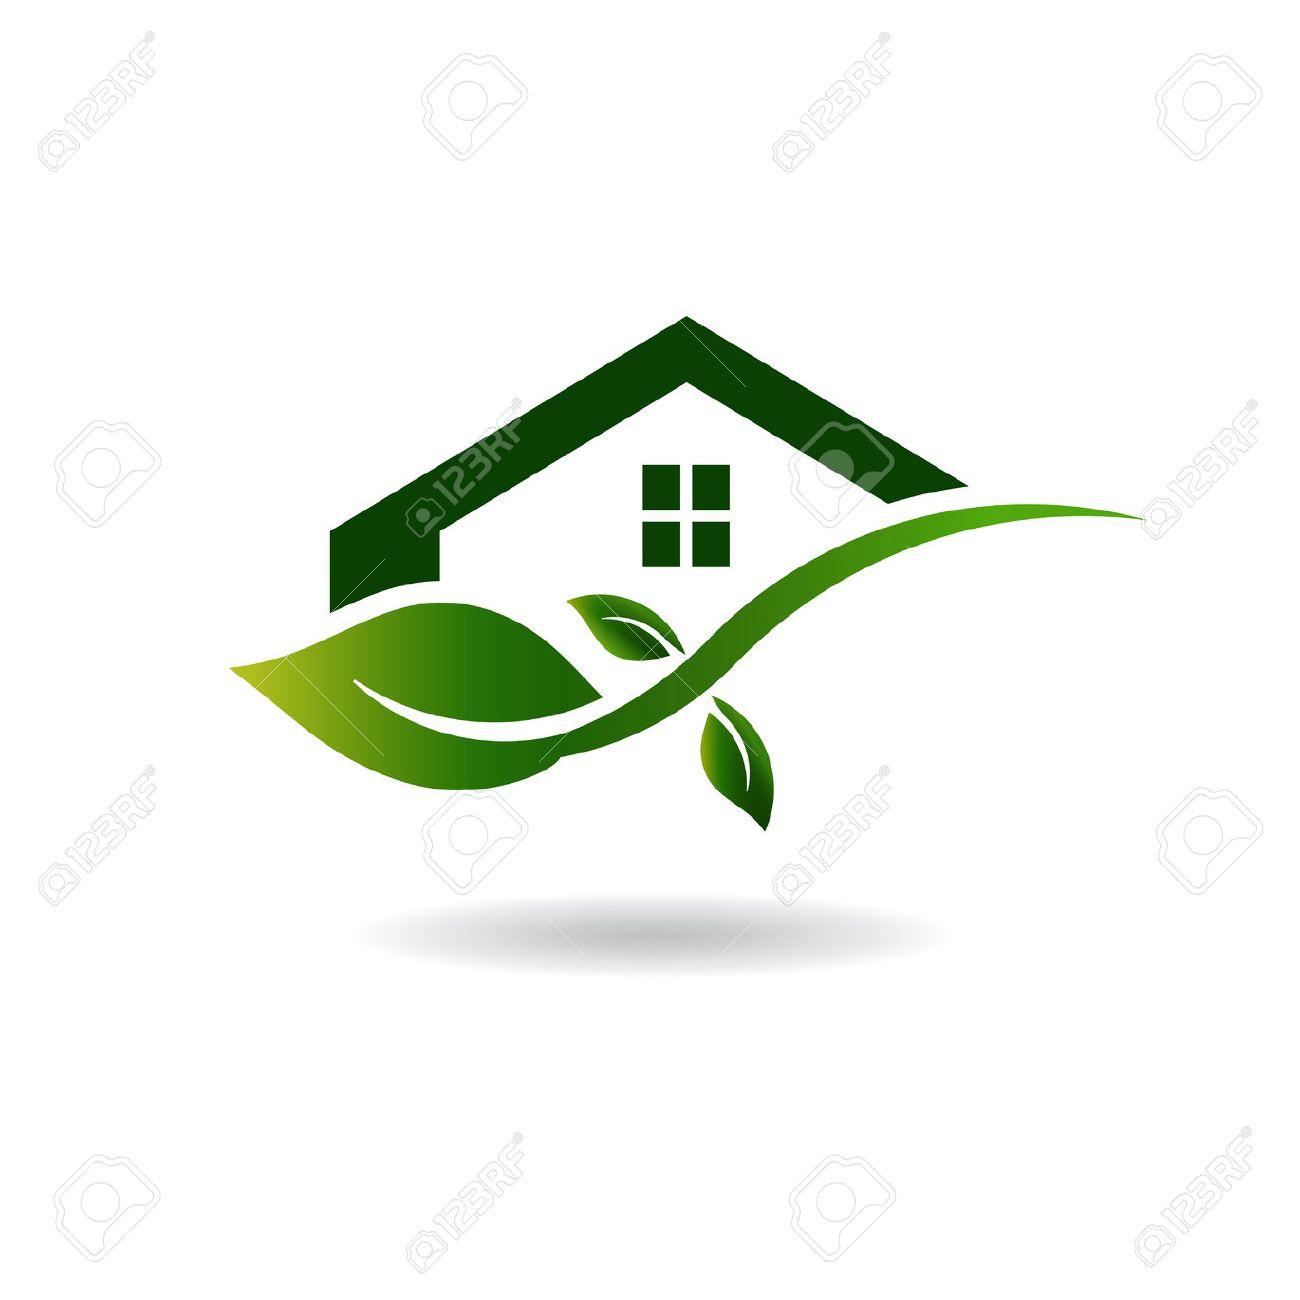 Green House Affari Archivio Fotografico - 40574828